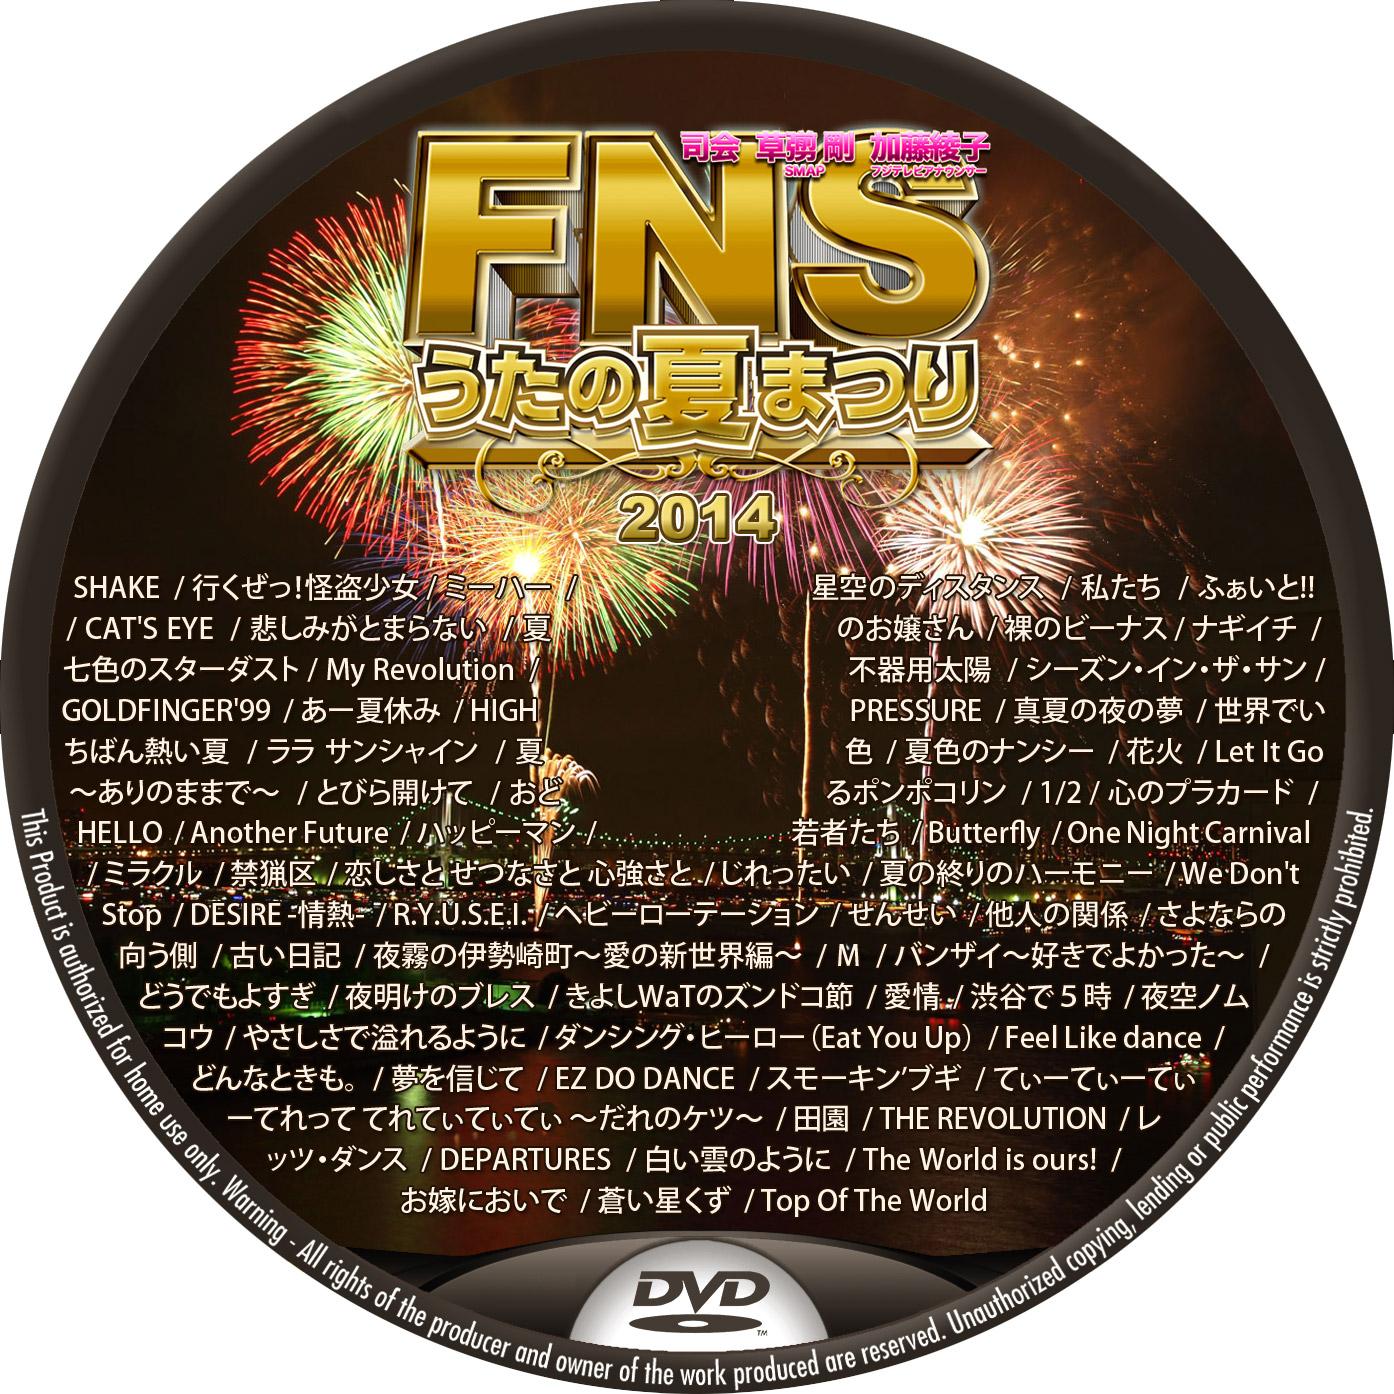 FNSうたの夏まつり 2014 DVDラベル